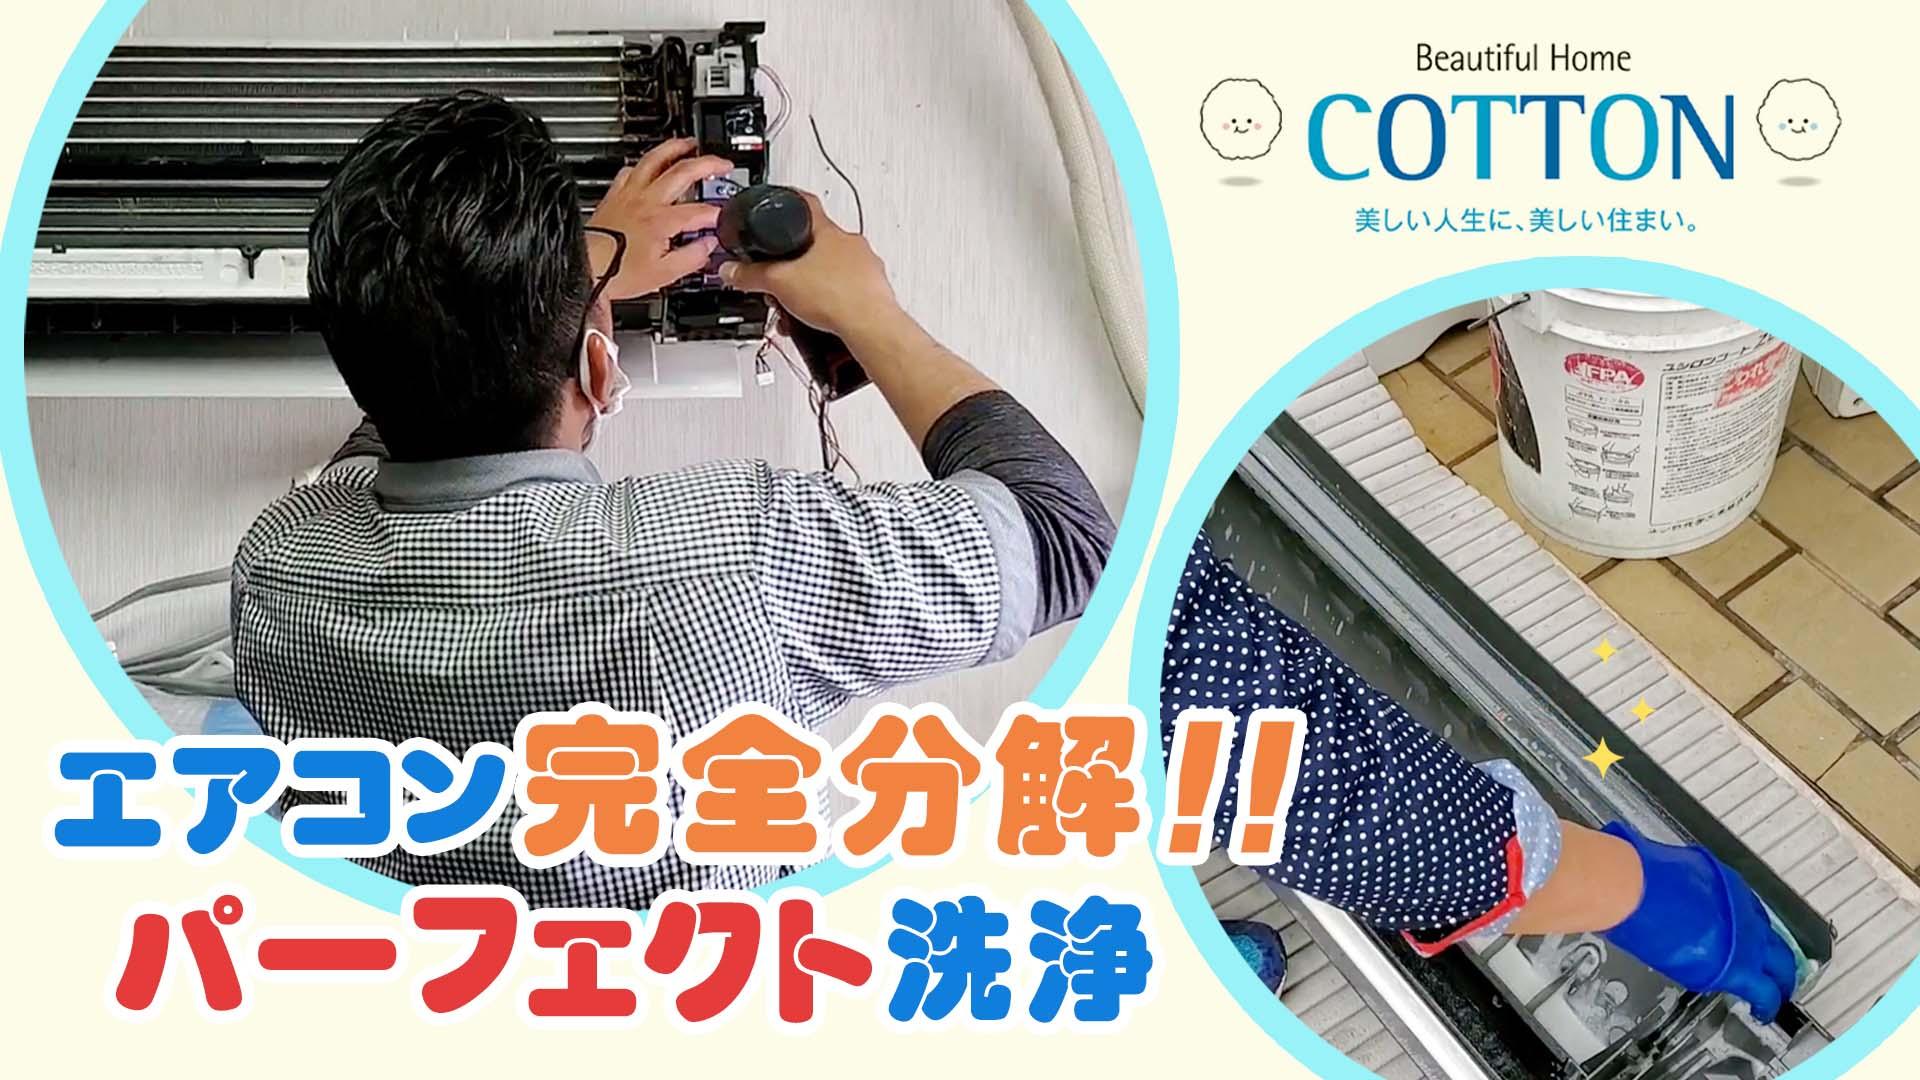 エアコン洗浄比較動画サムネイル